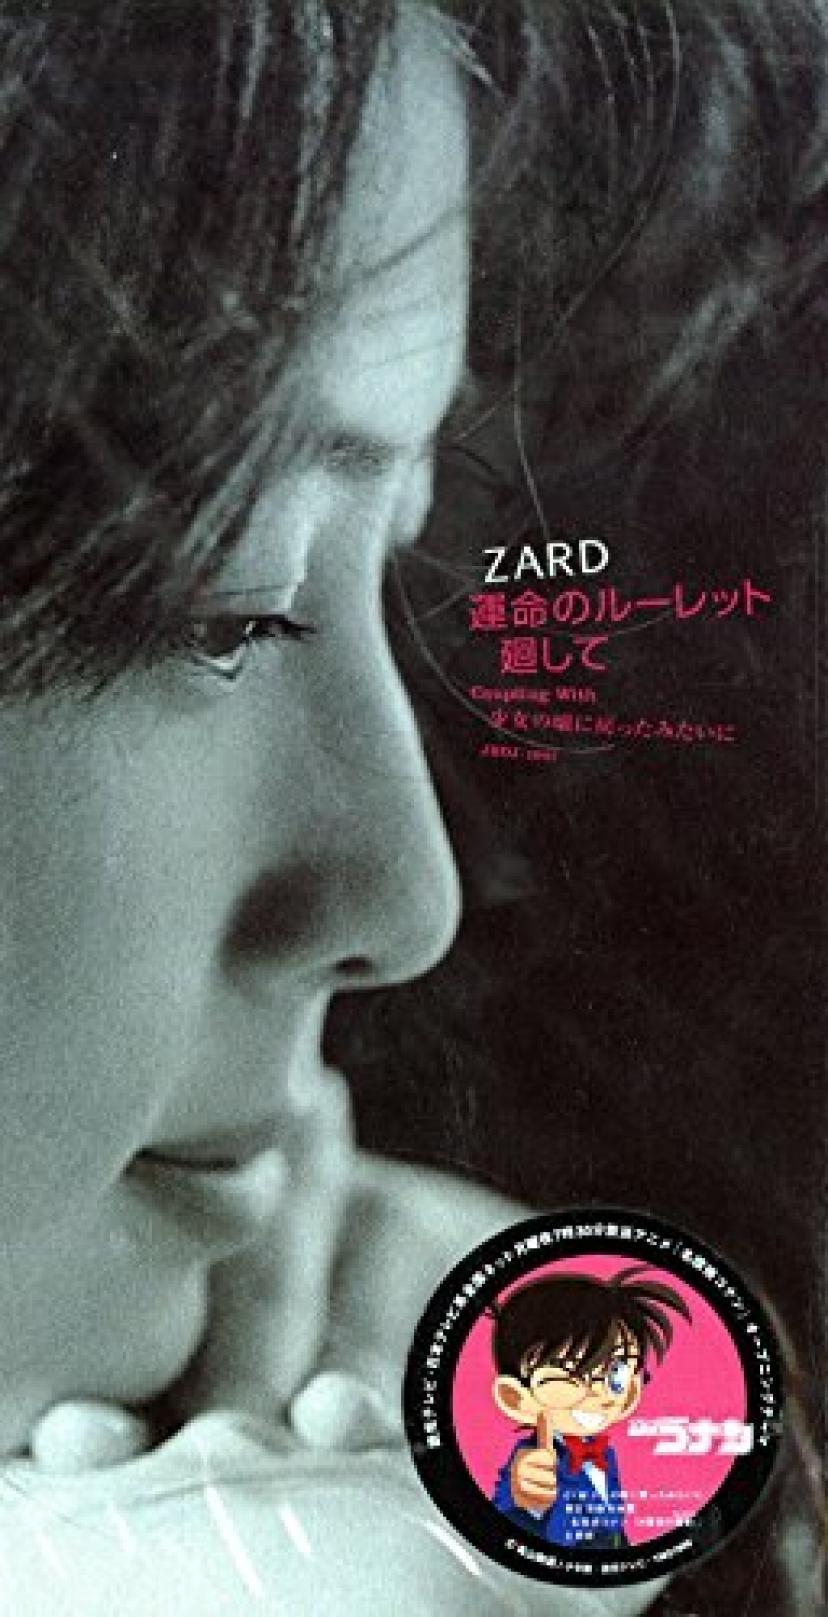 ZARD「運命のルーレット廻して」